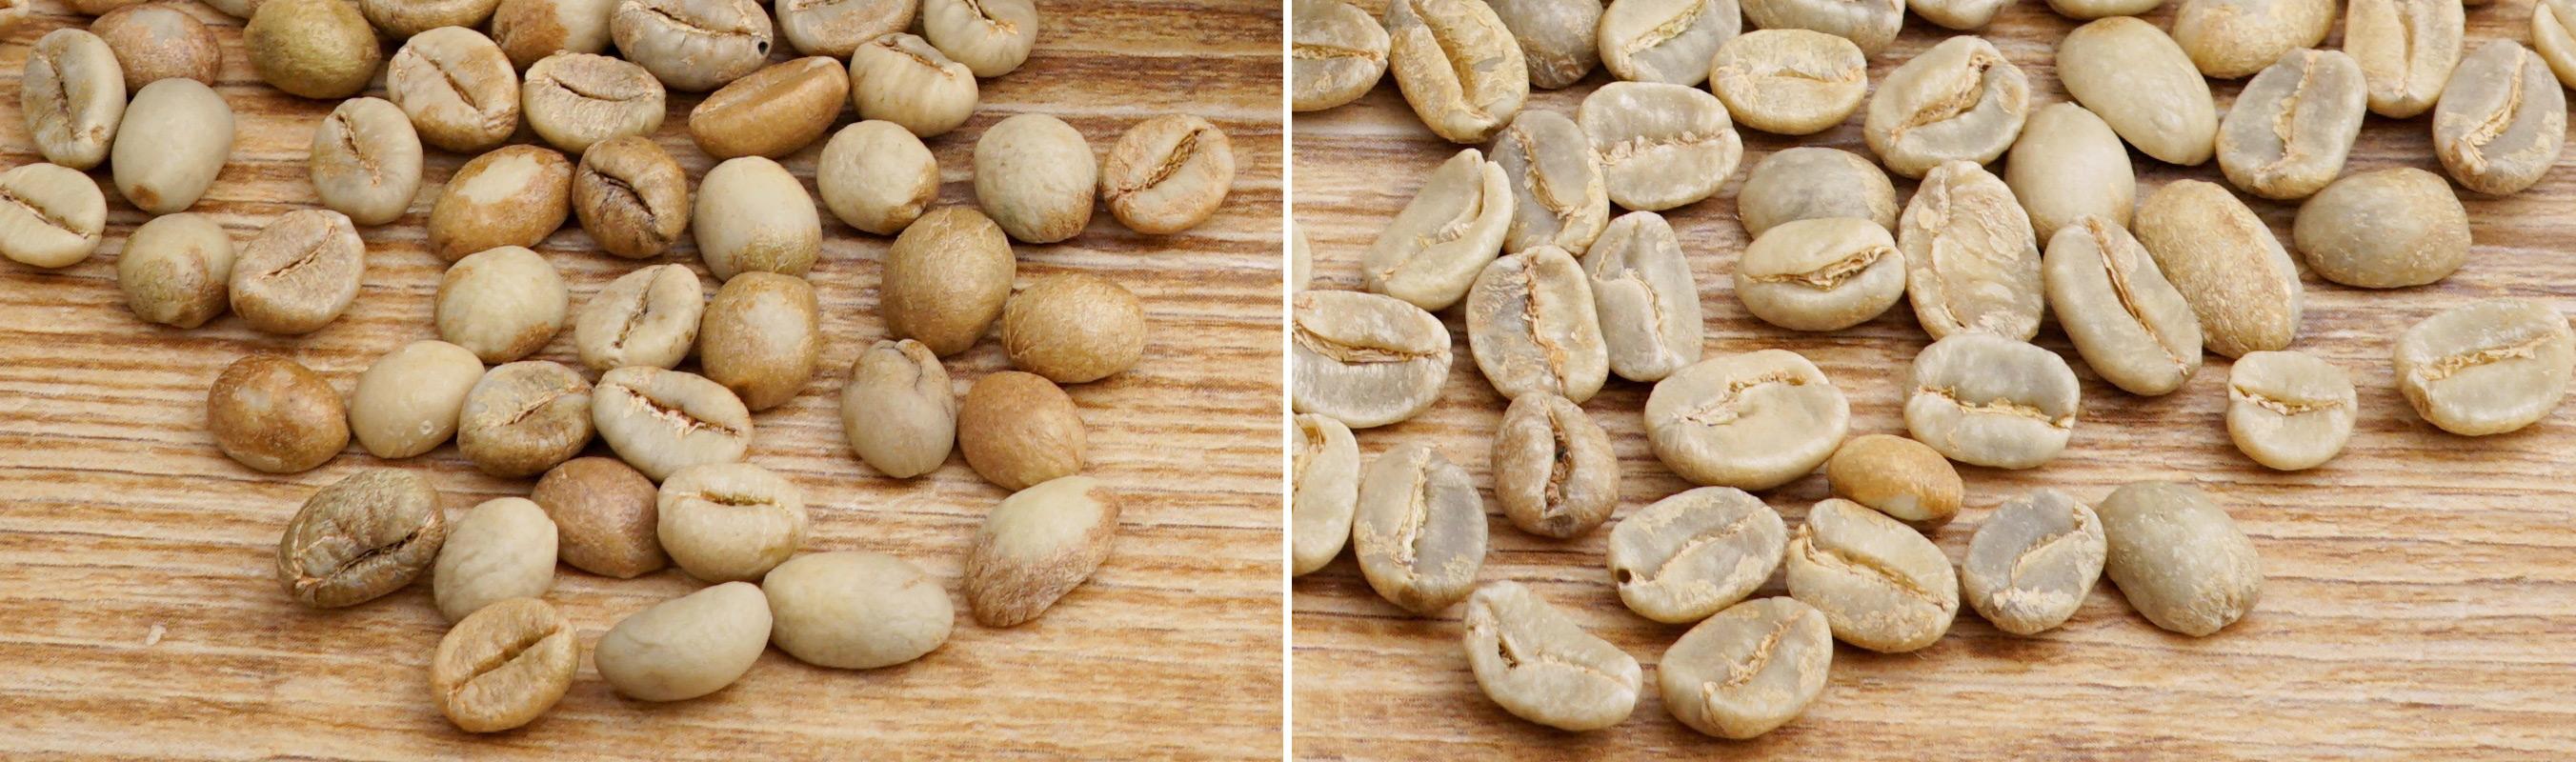 arabica-robusta-kaffee-vergleich